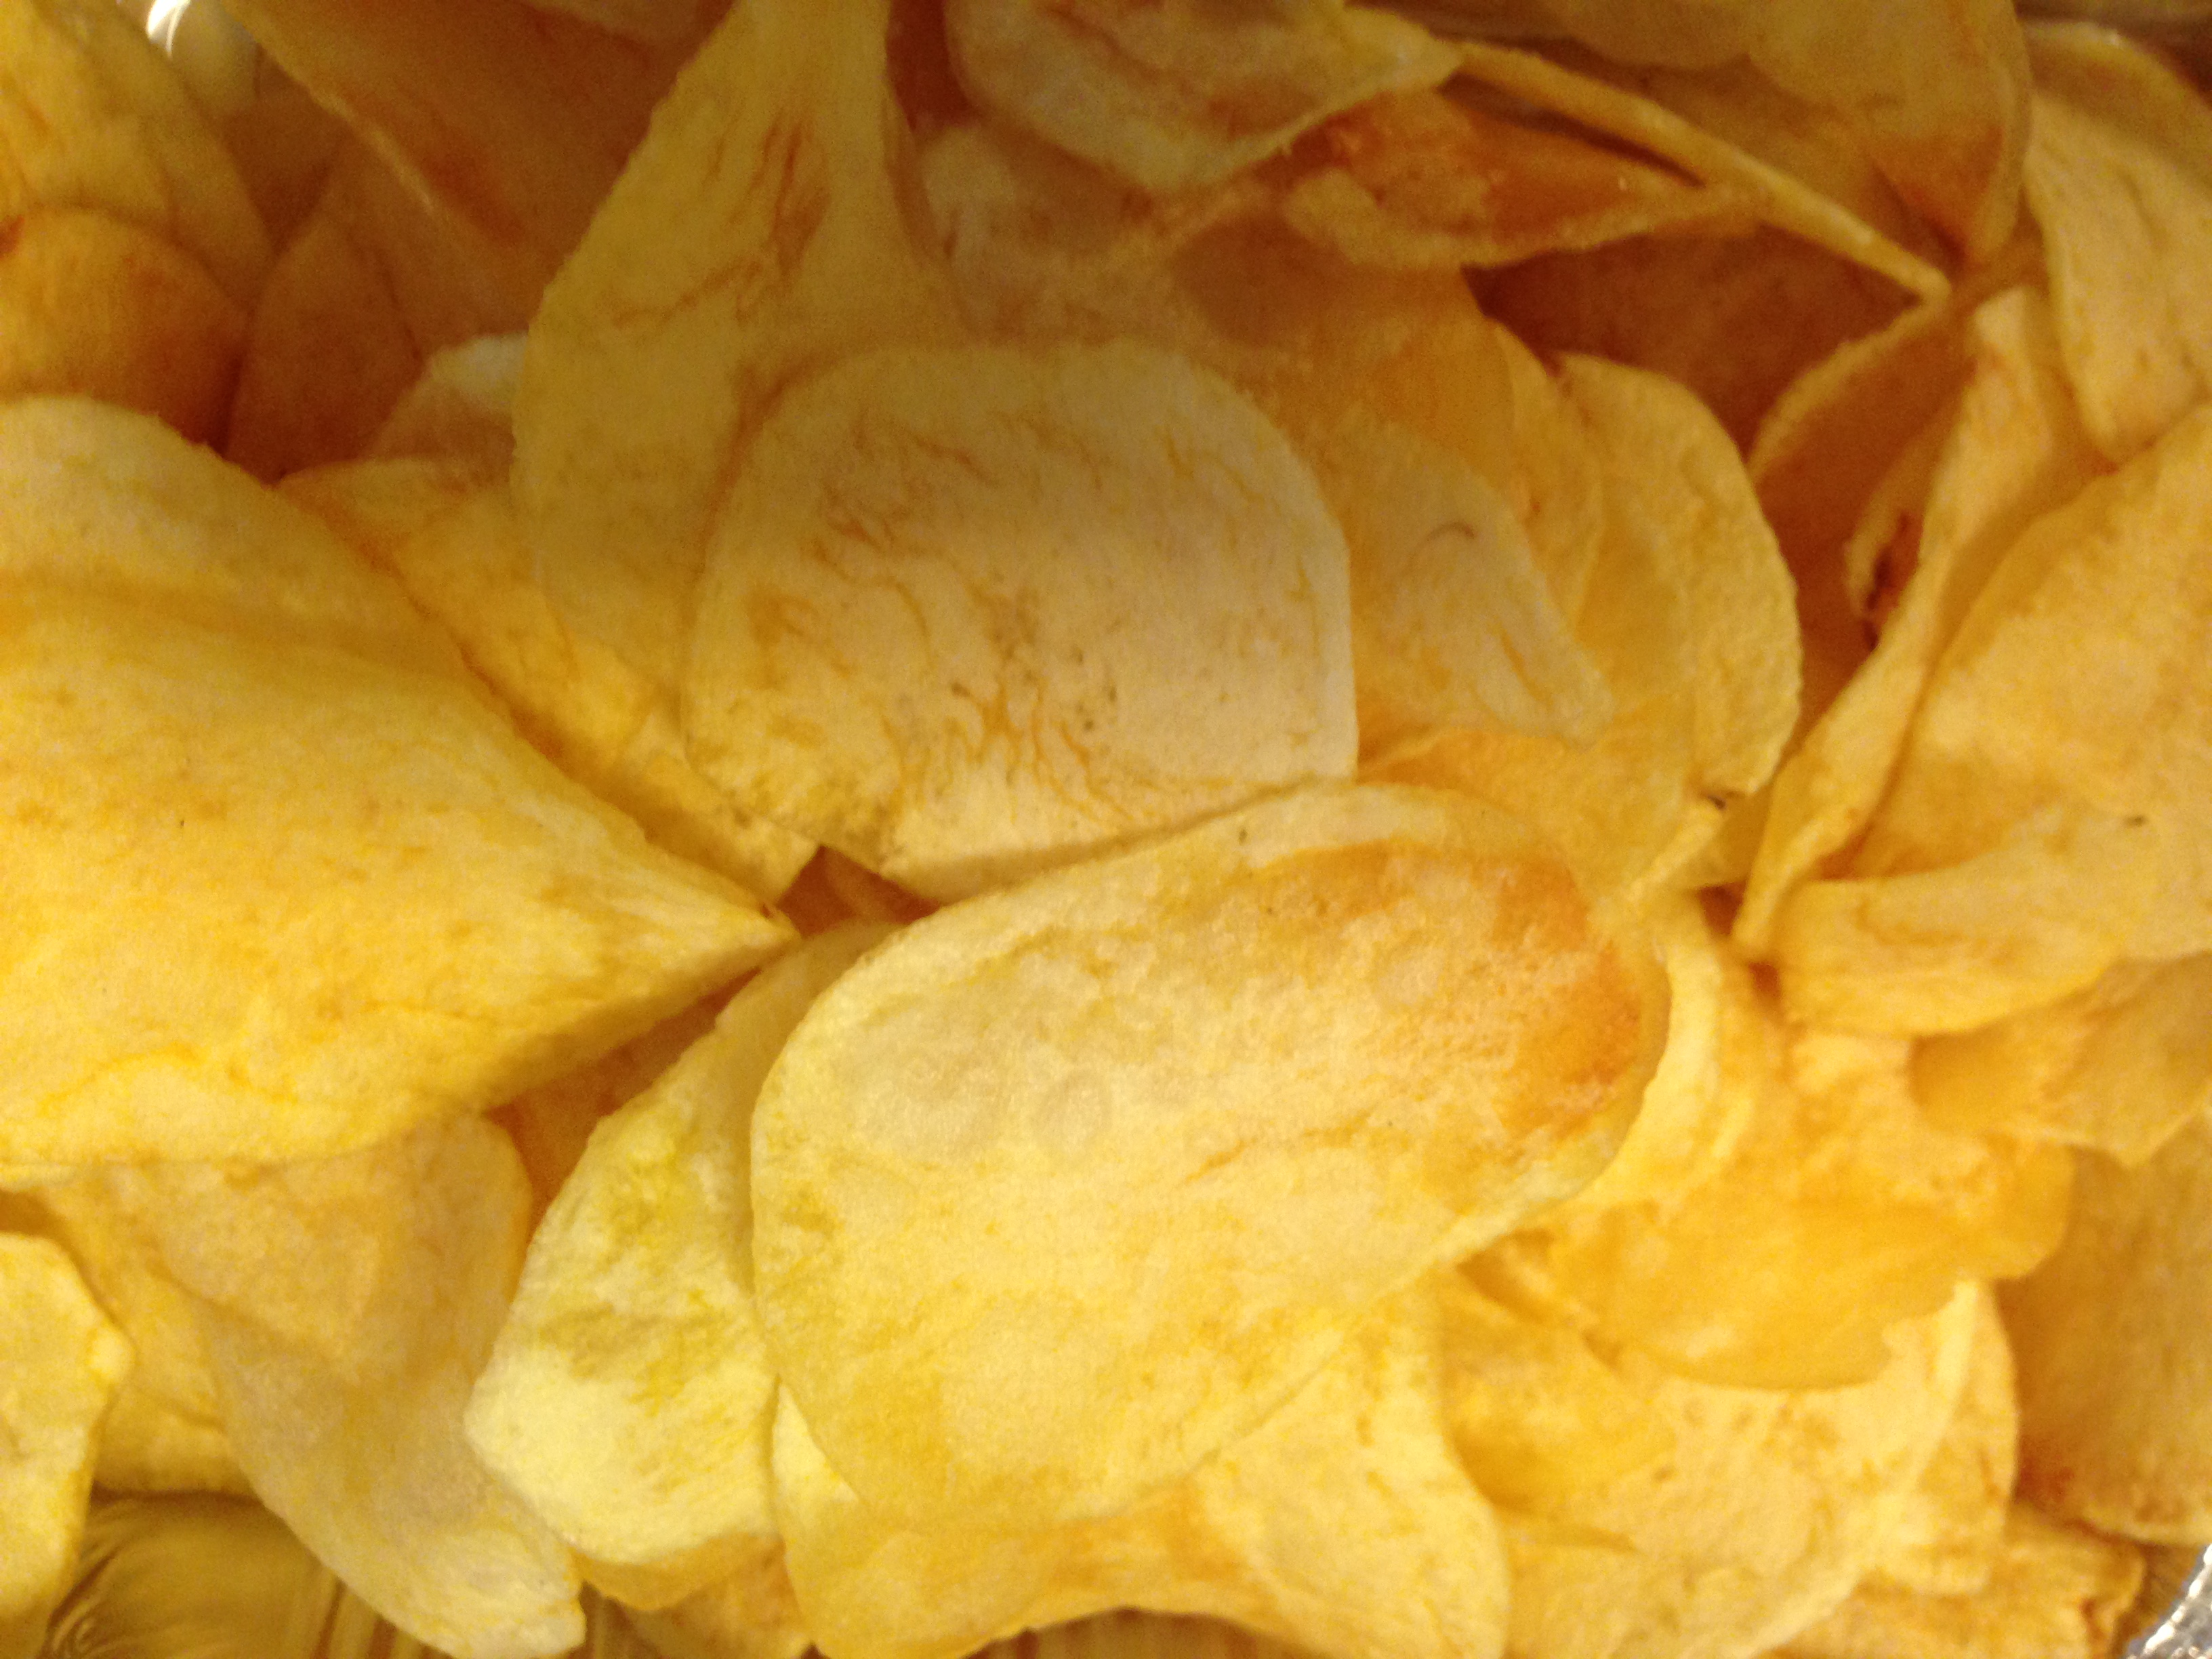 Le nostre patate fritte sfogliate